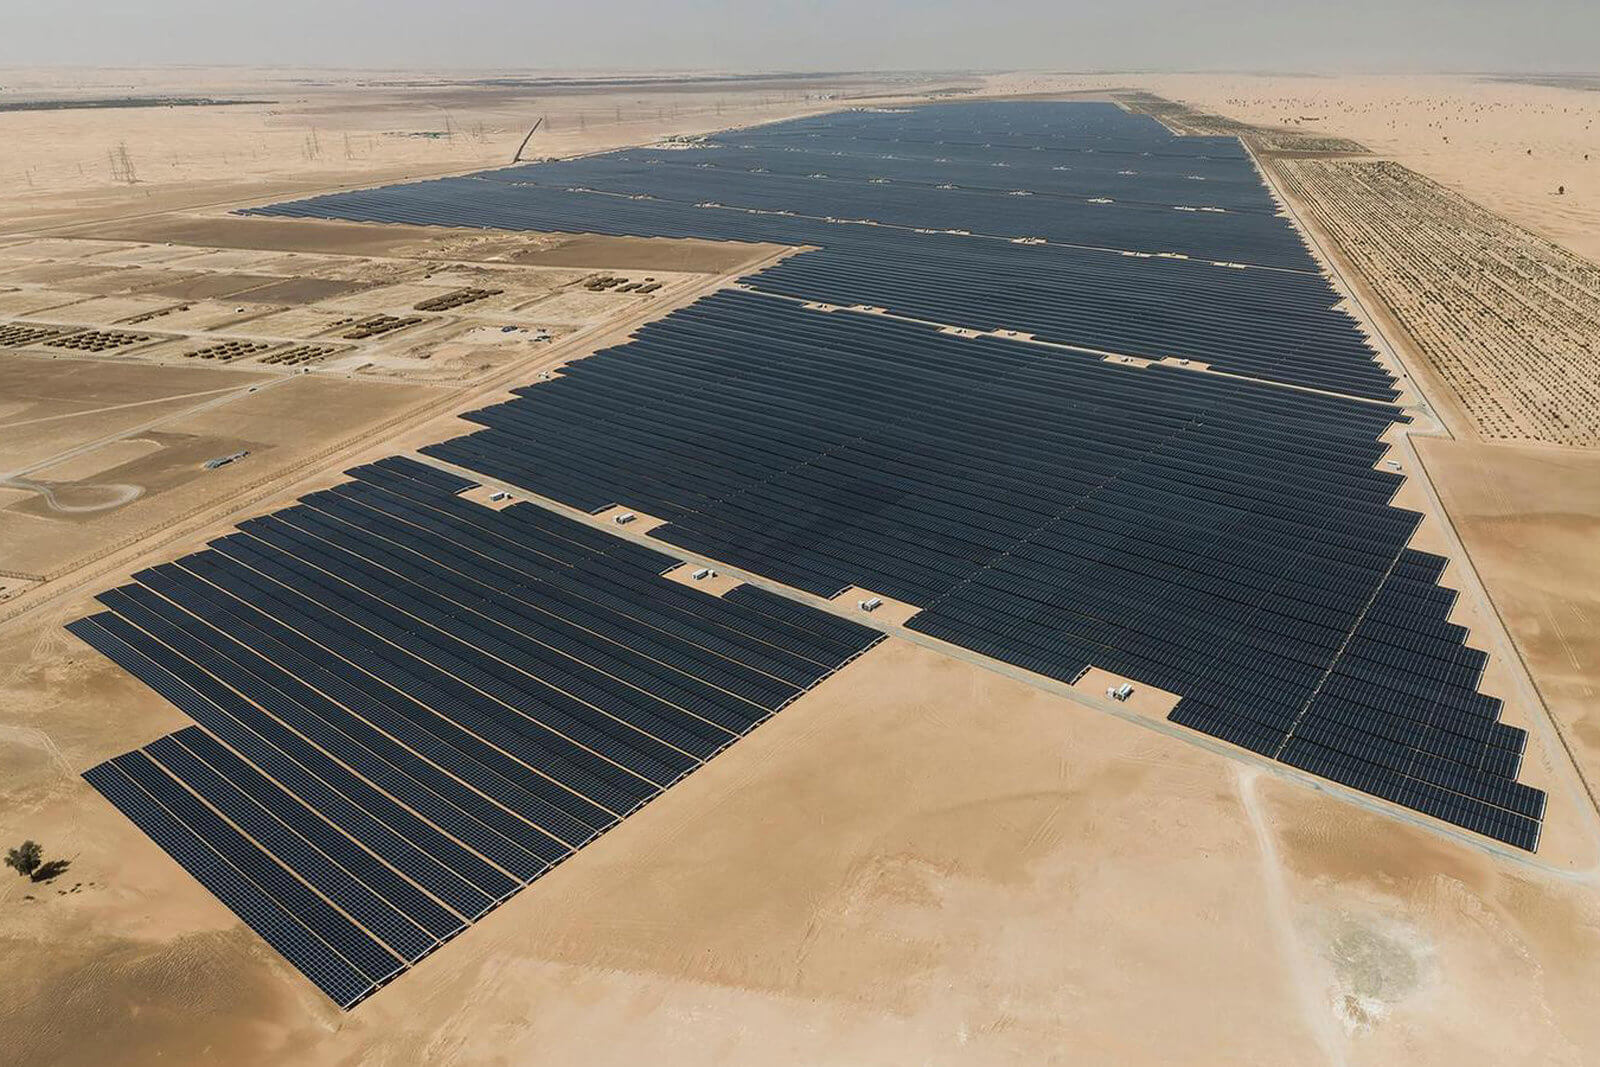 uae-worlds-largest-solar-plant